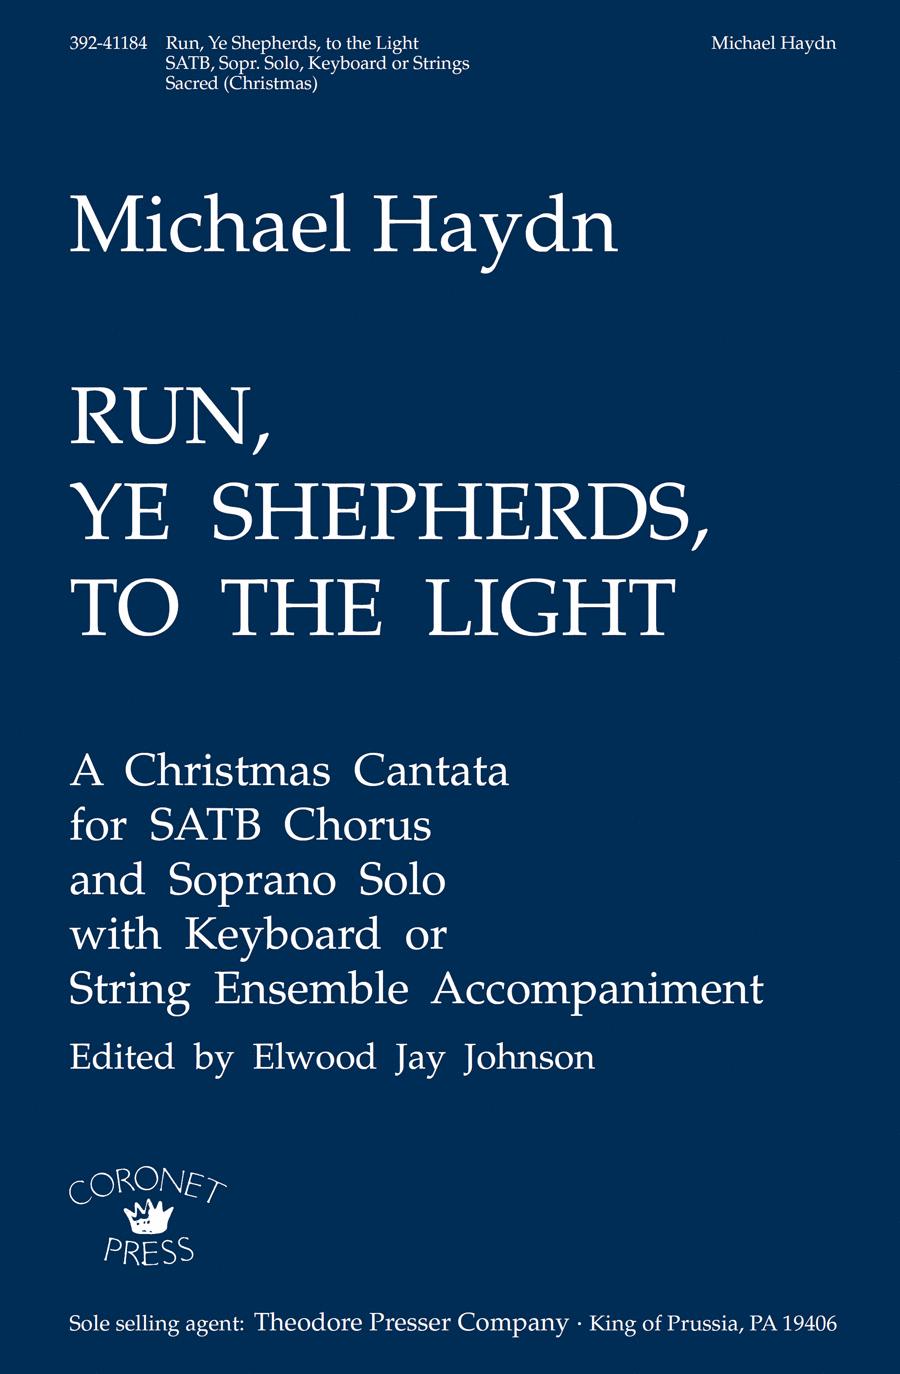 Run, Ye Shepherds, to the Light